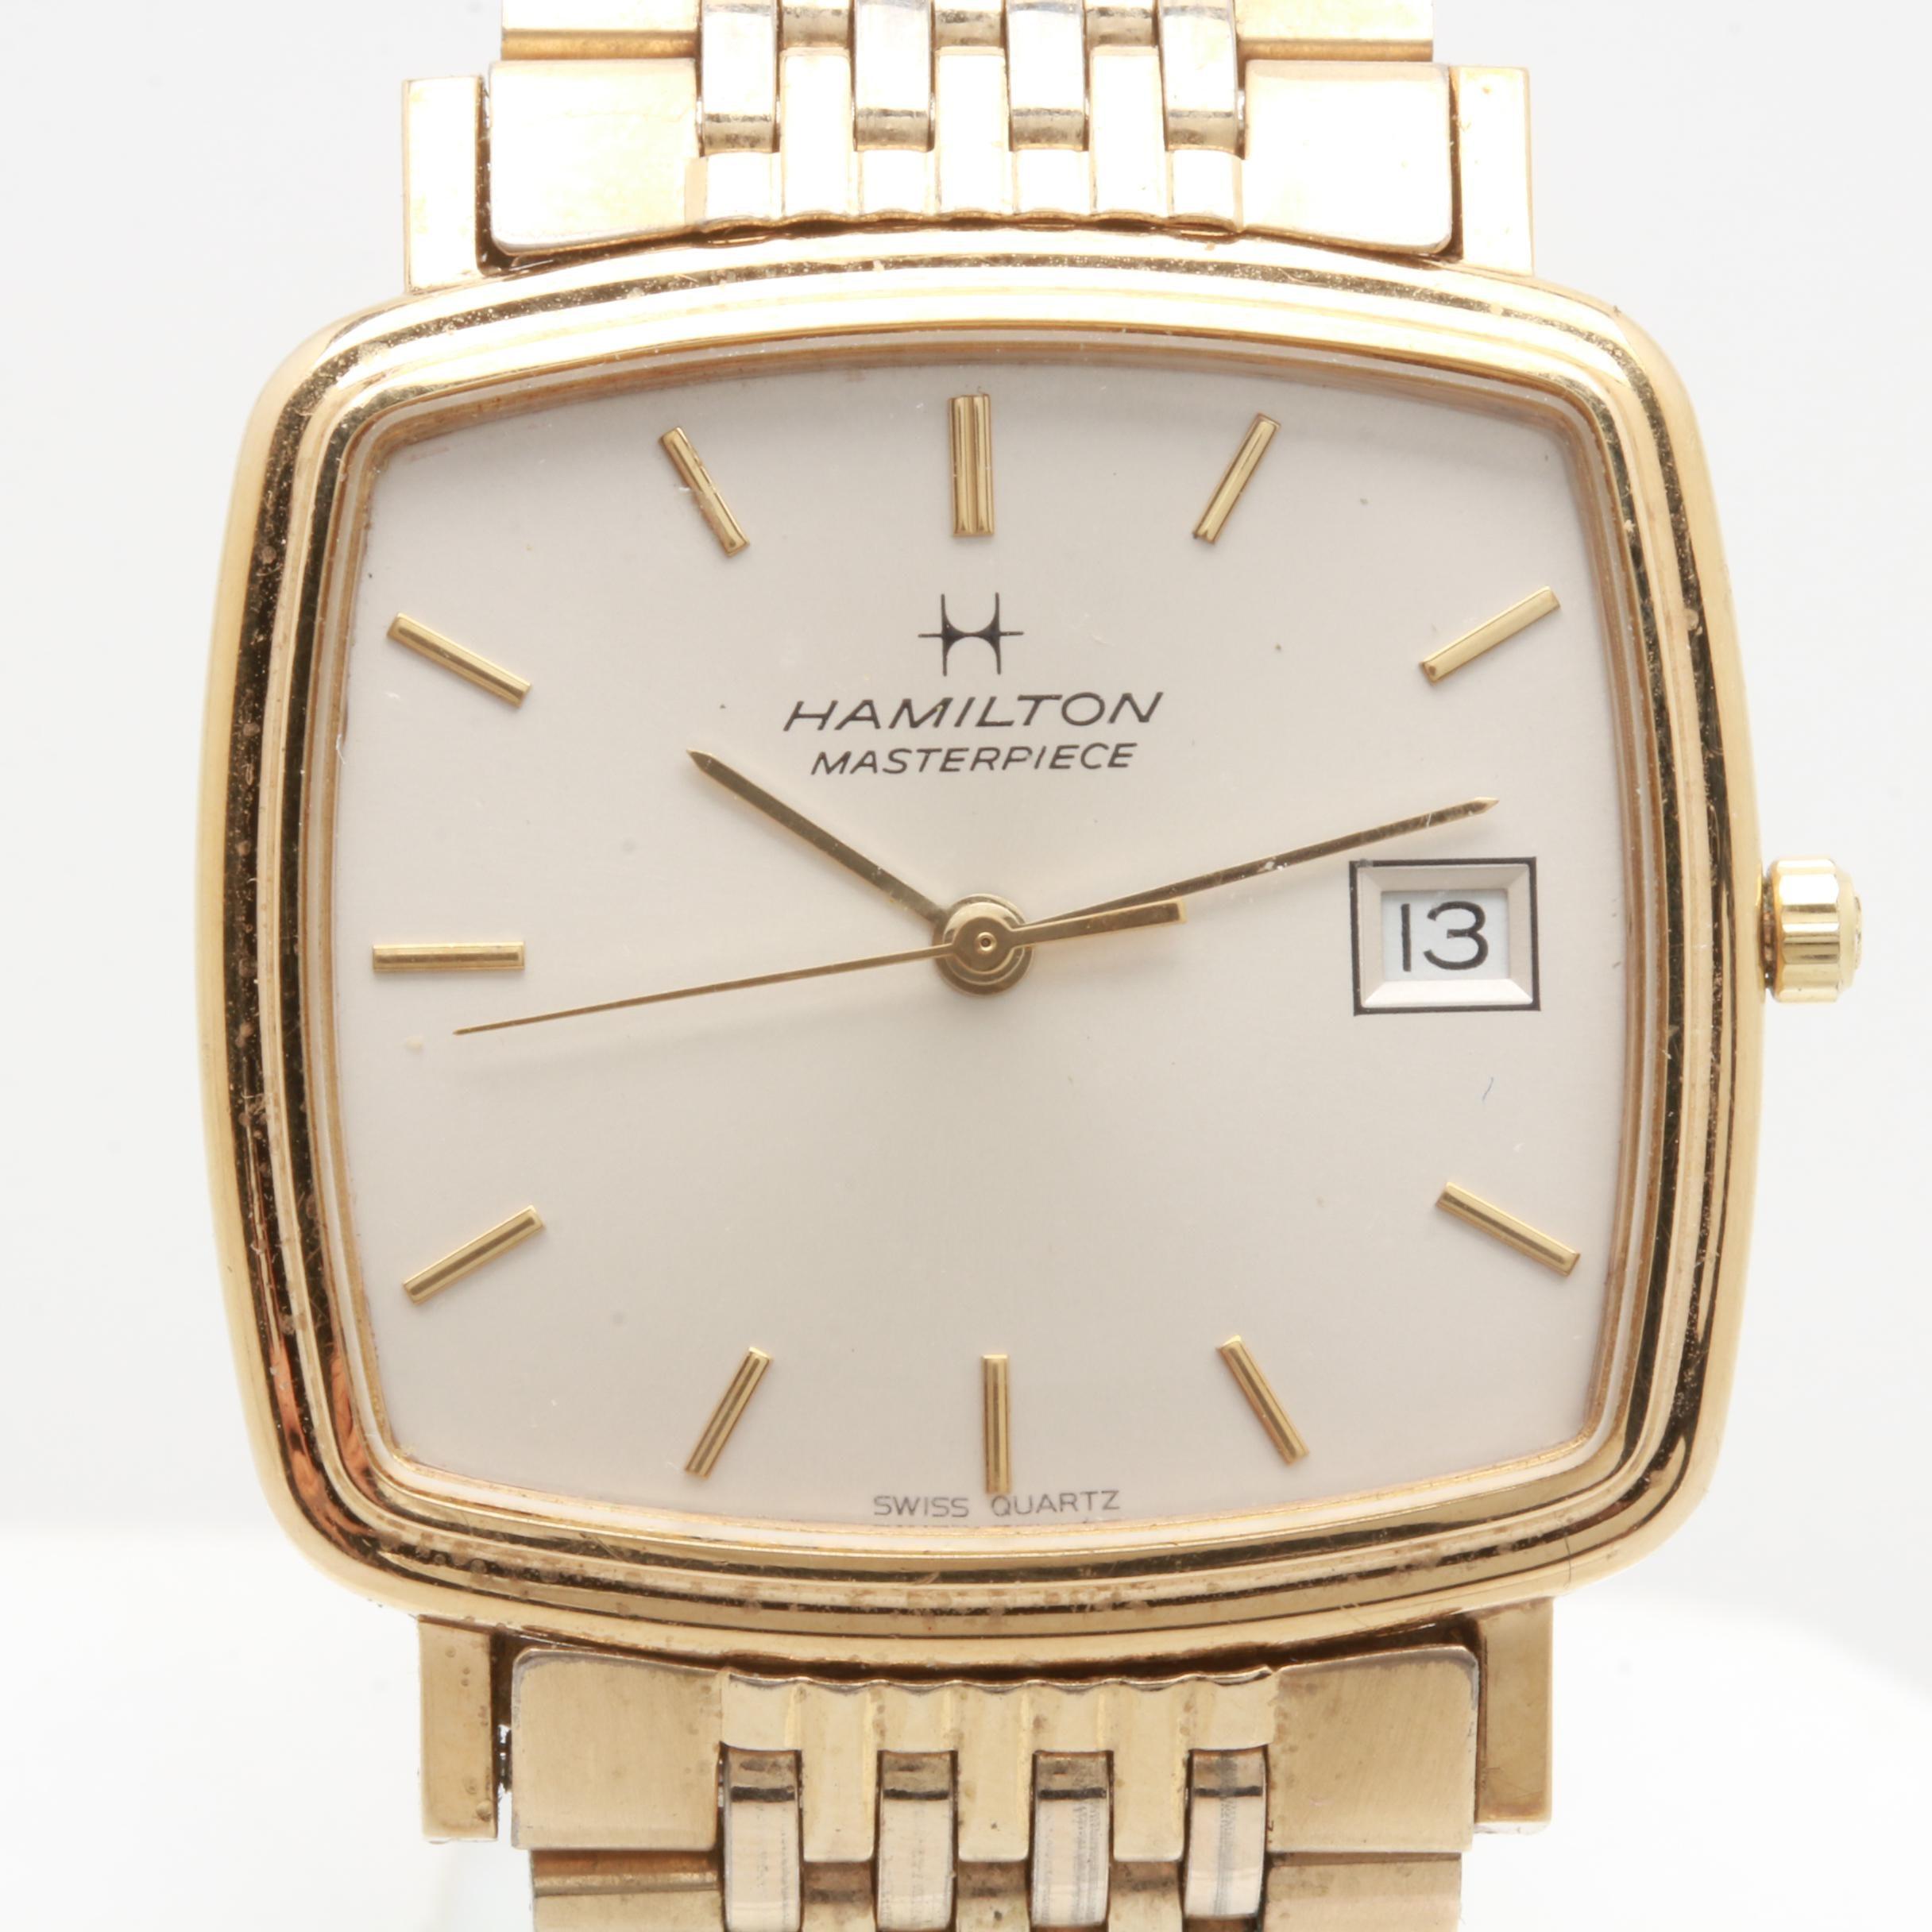 """Hamilton """"Masterpiece"""" Swiss Quartz Wristwatch"""